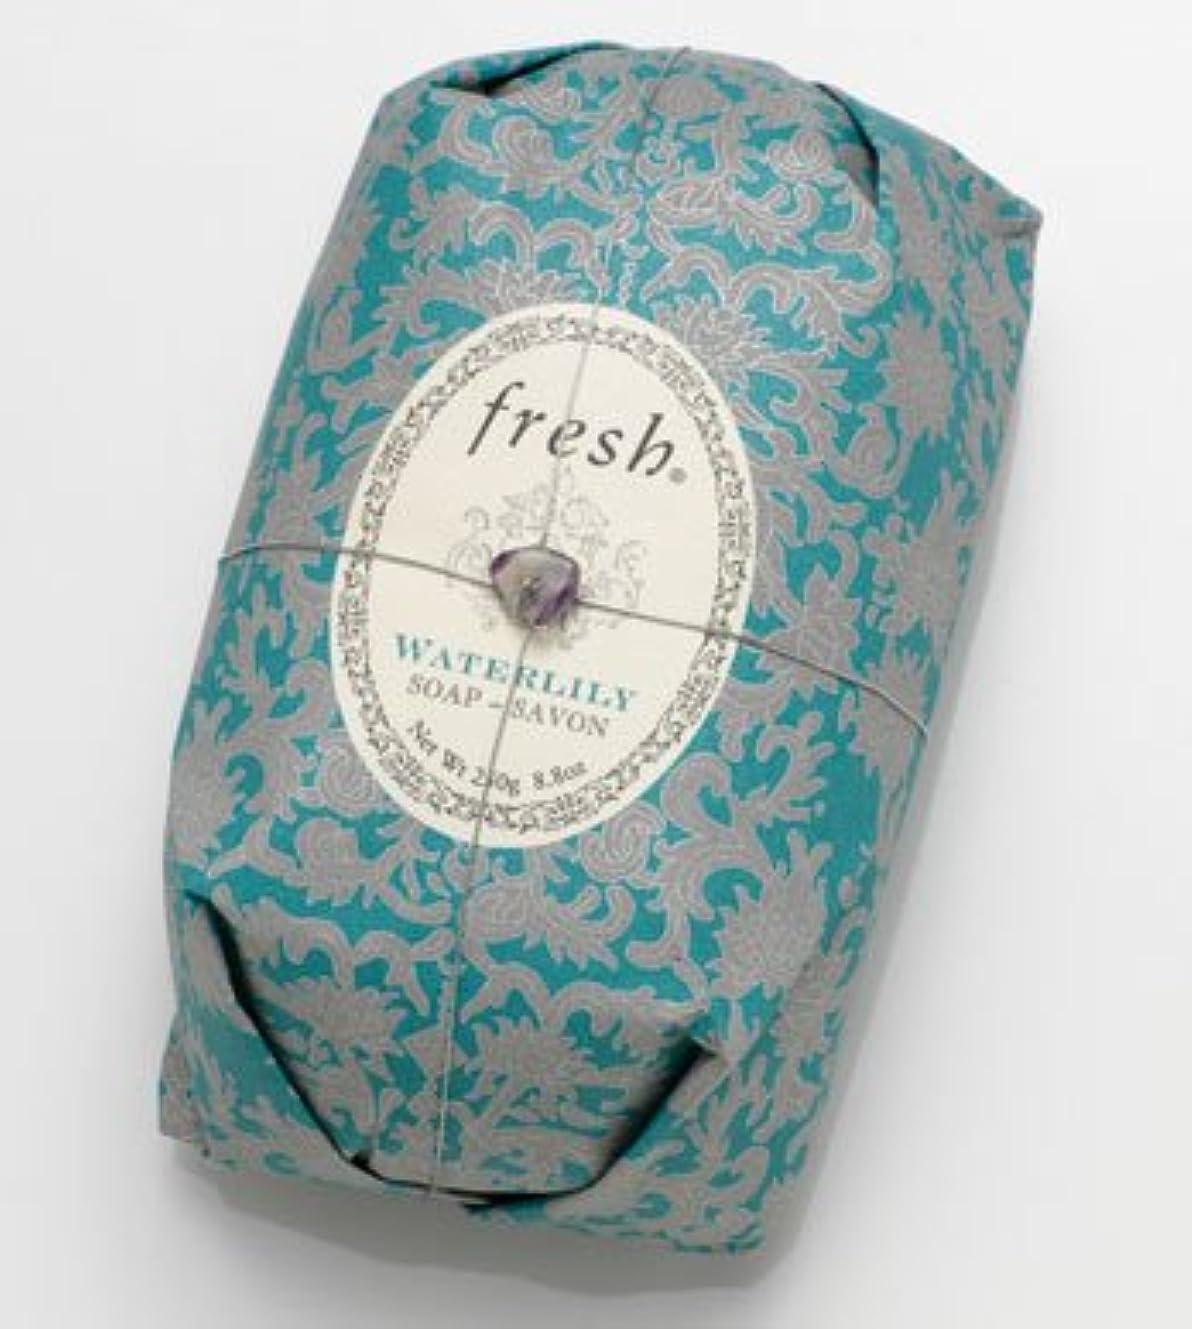 今まで反対に支店Fresh WATERLILY SOAP (フレッシュ ウオーターリリー ソープ) 8.8 oz (250g) Soap (石鹸) by Fresh